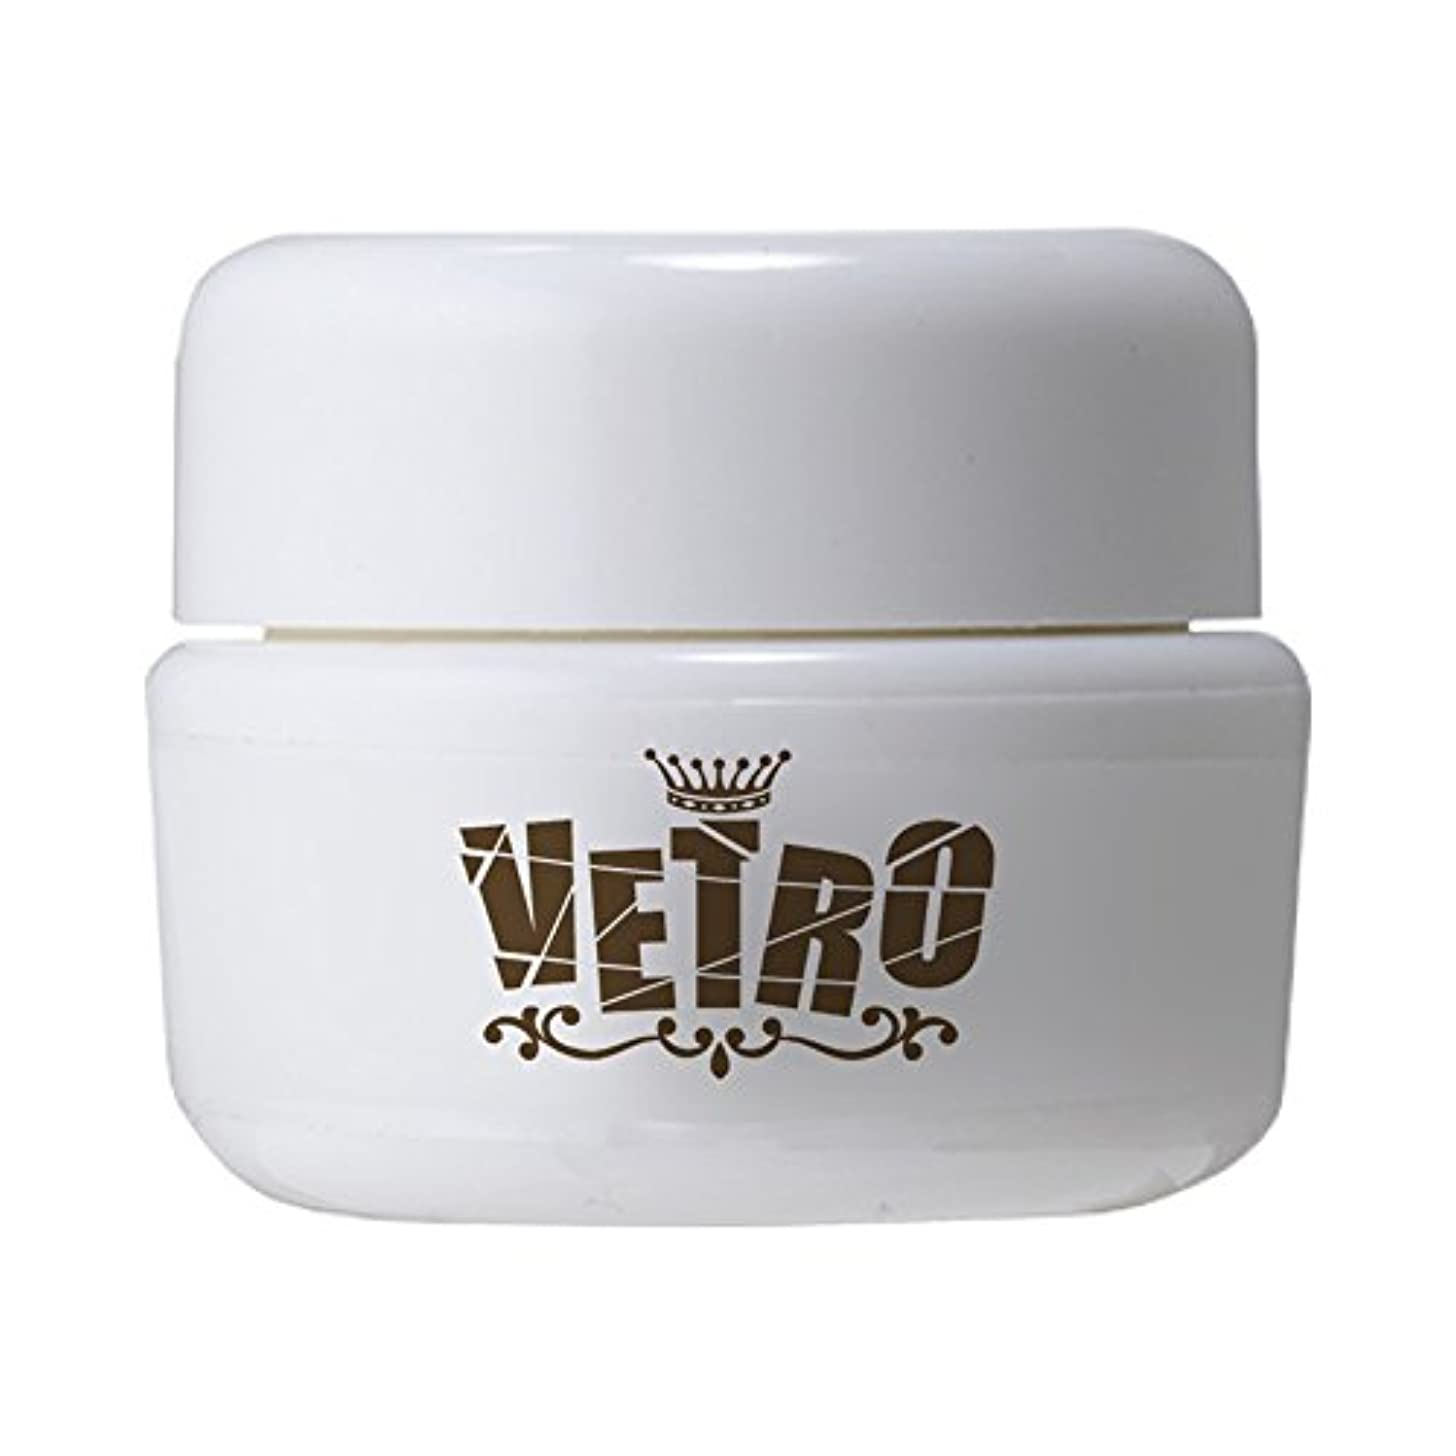 エーカー乳白色社員VETRO No.19 カラージェル グリッター VL076 サンバ 4ml